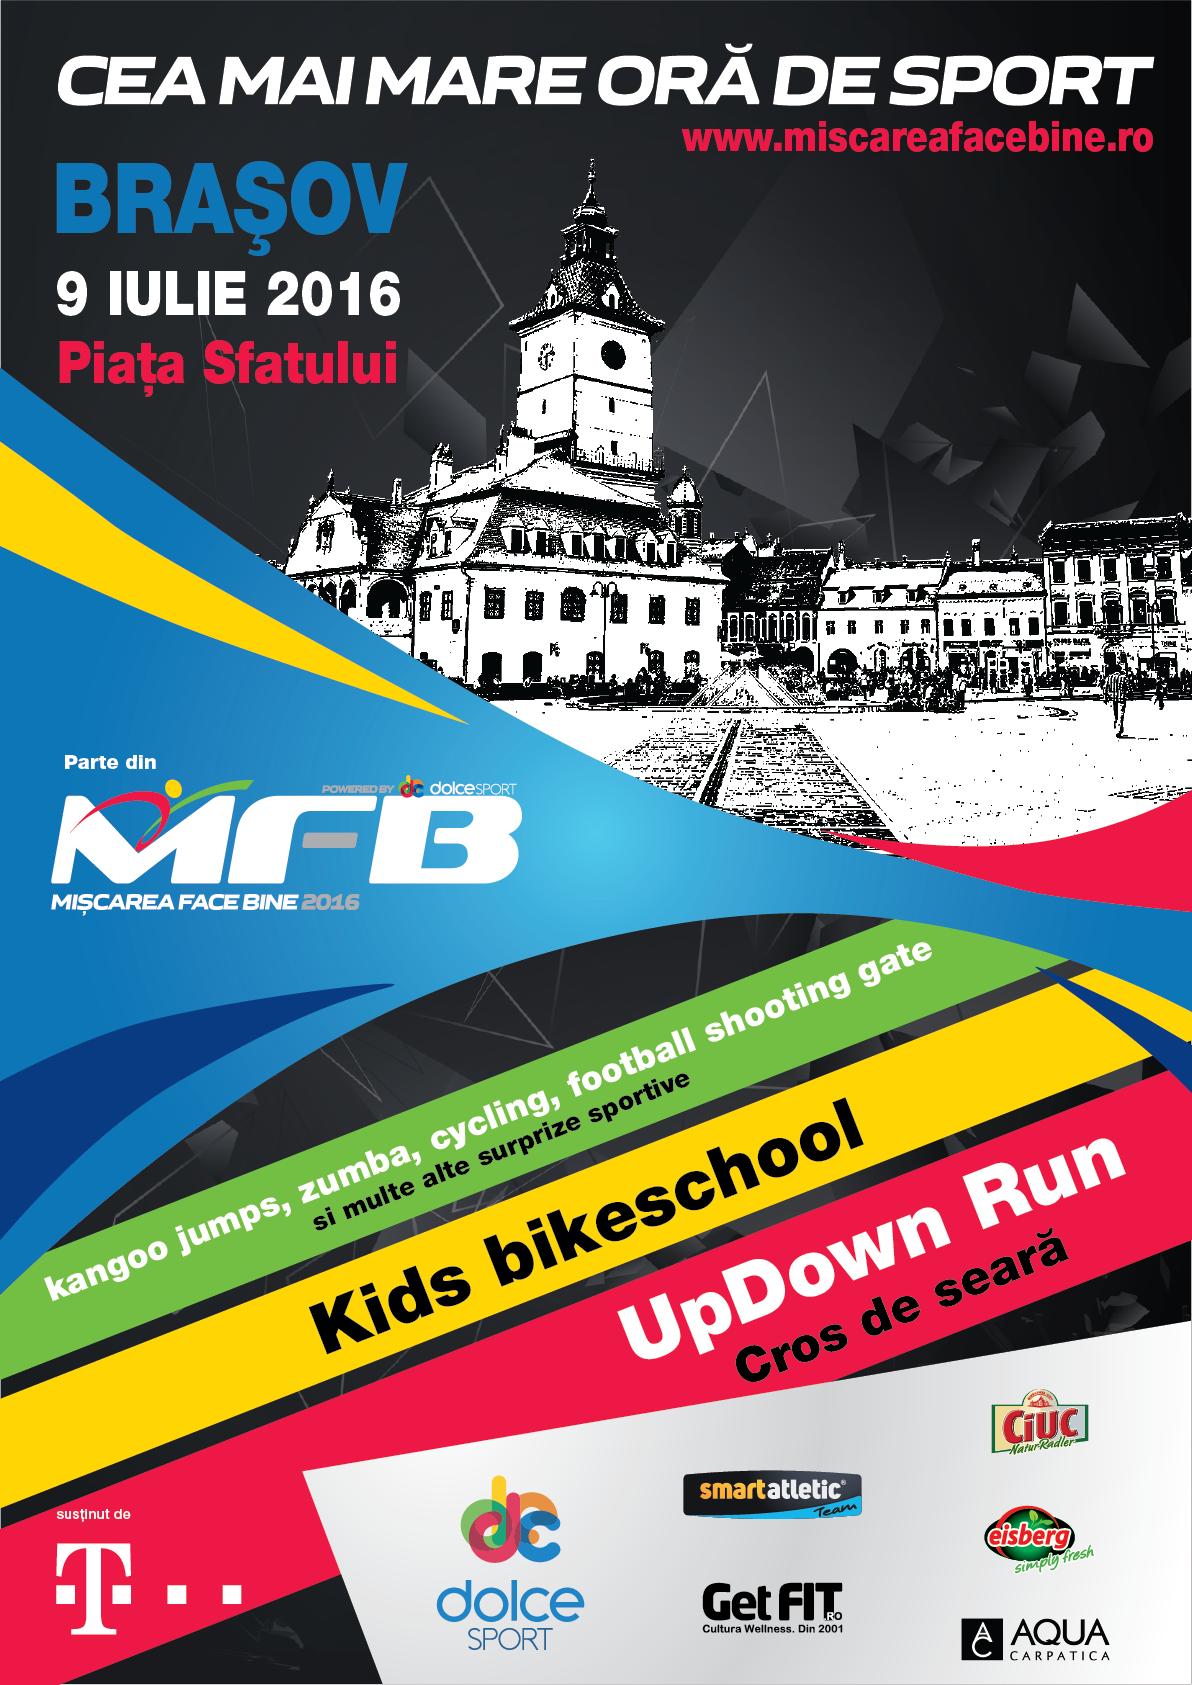 MFB Brasov, 9 iulie 2016